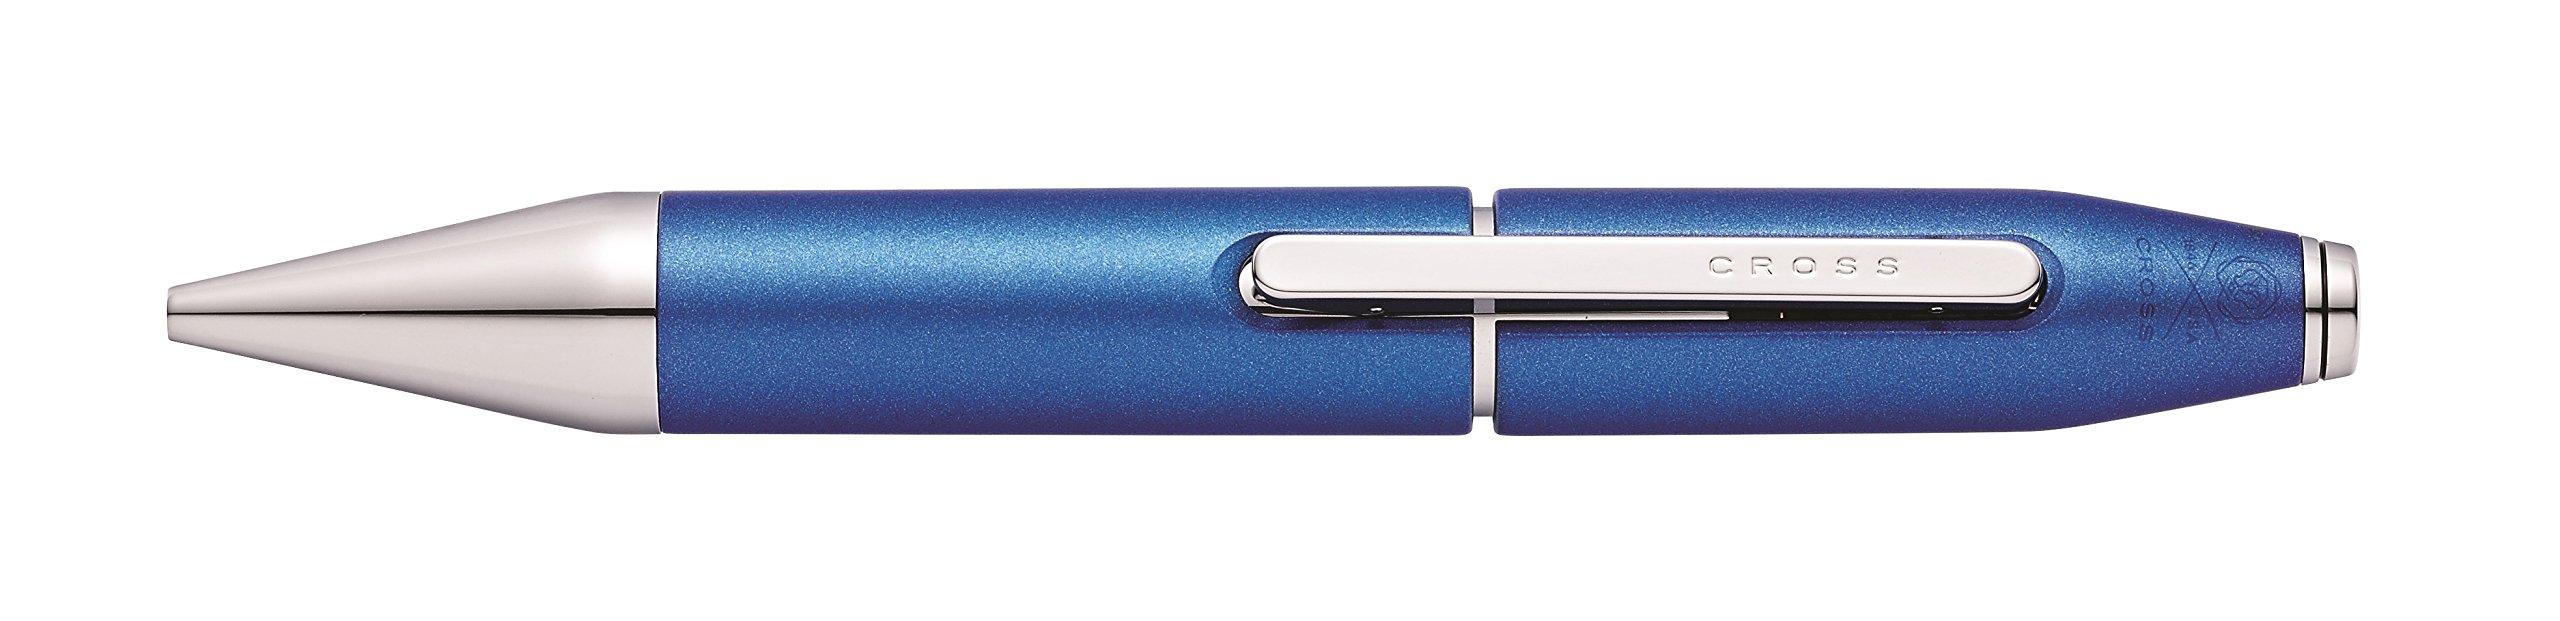 Cross X Series Cobalt Blue Selectip Rollerball Pen